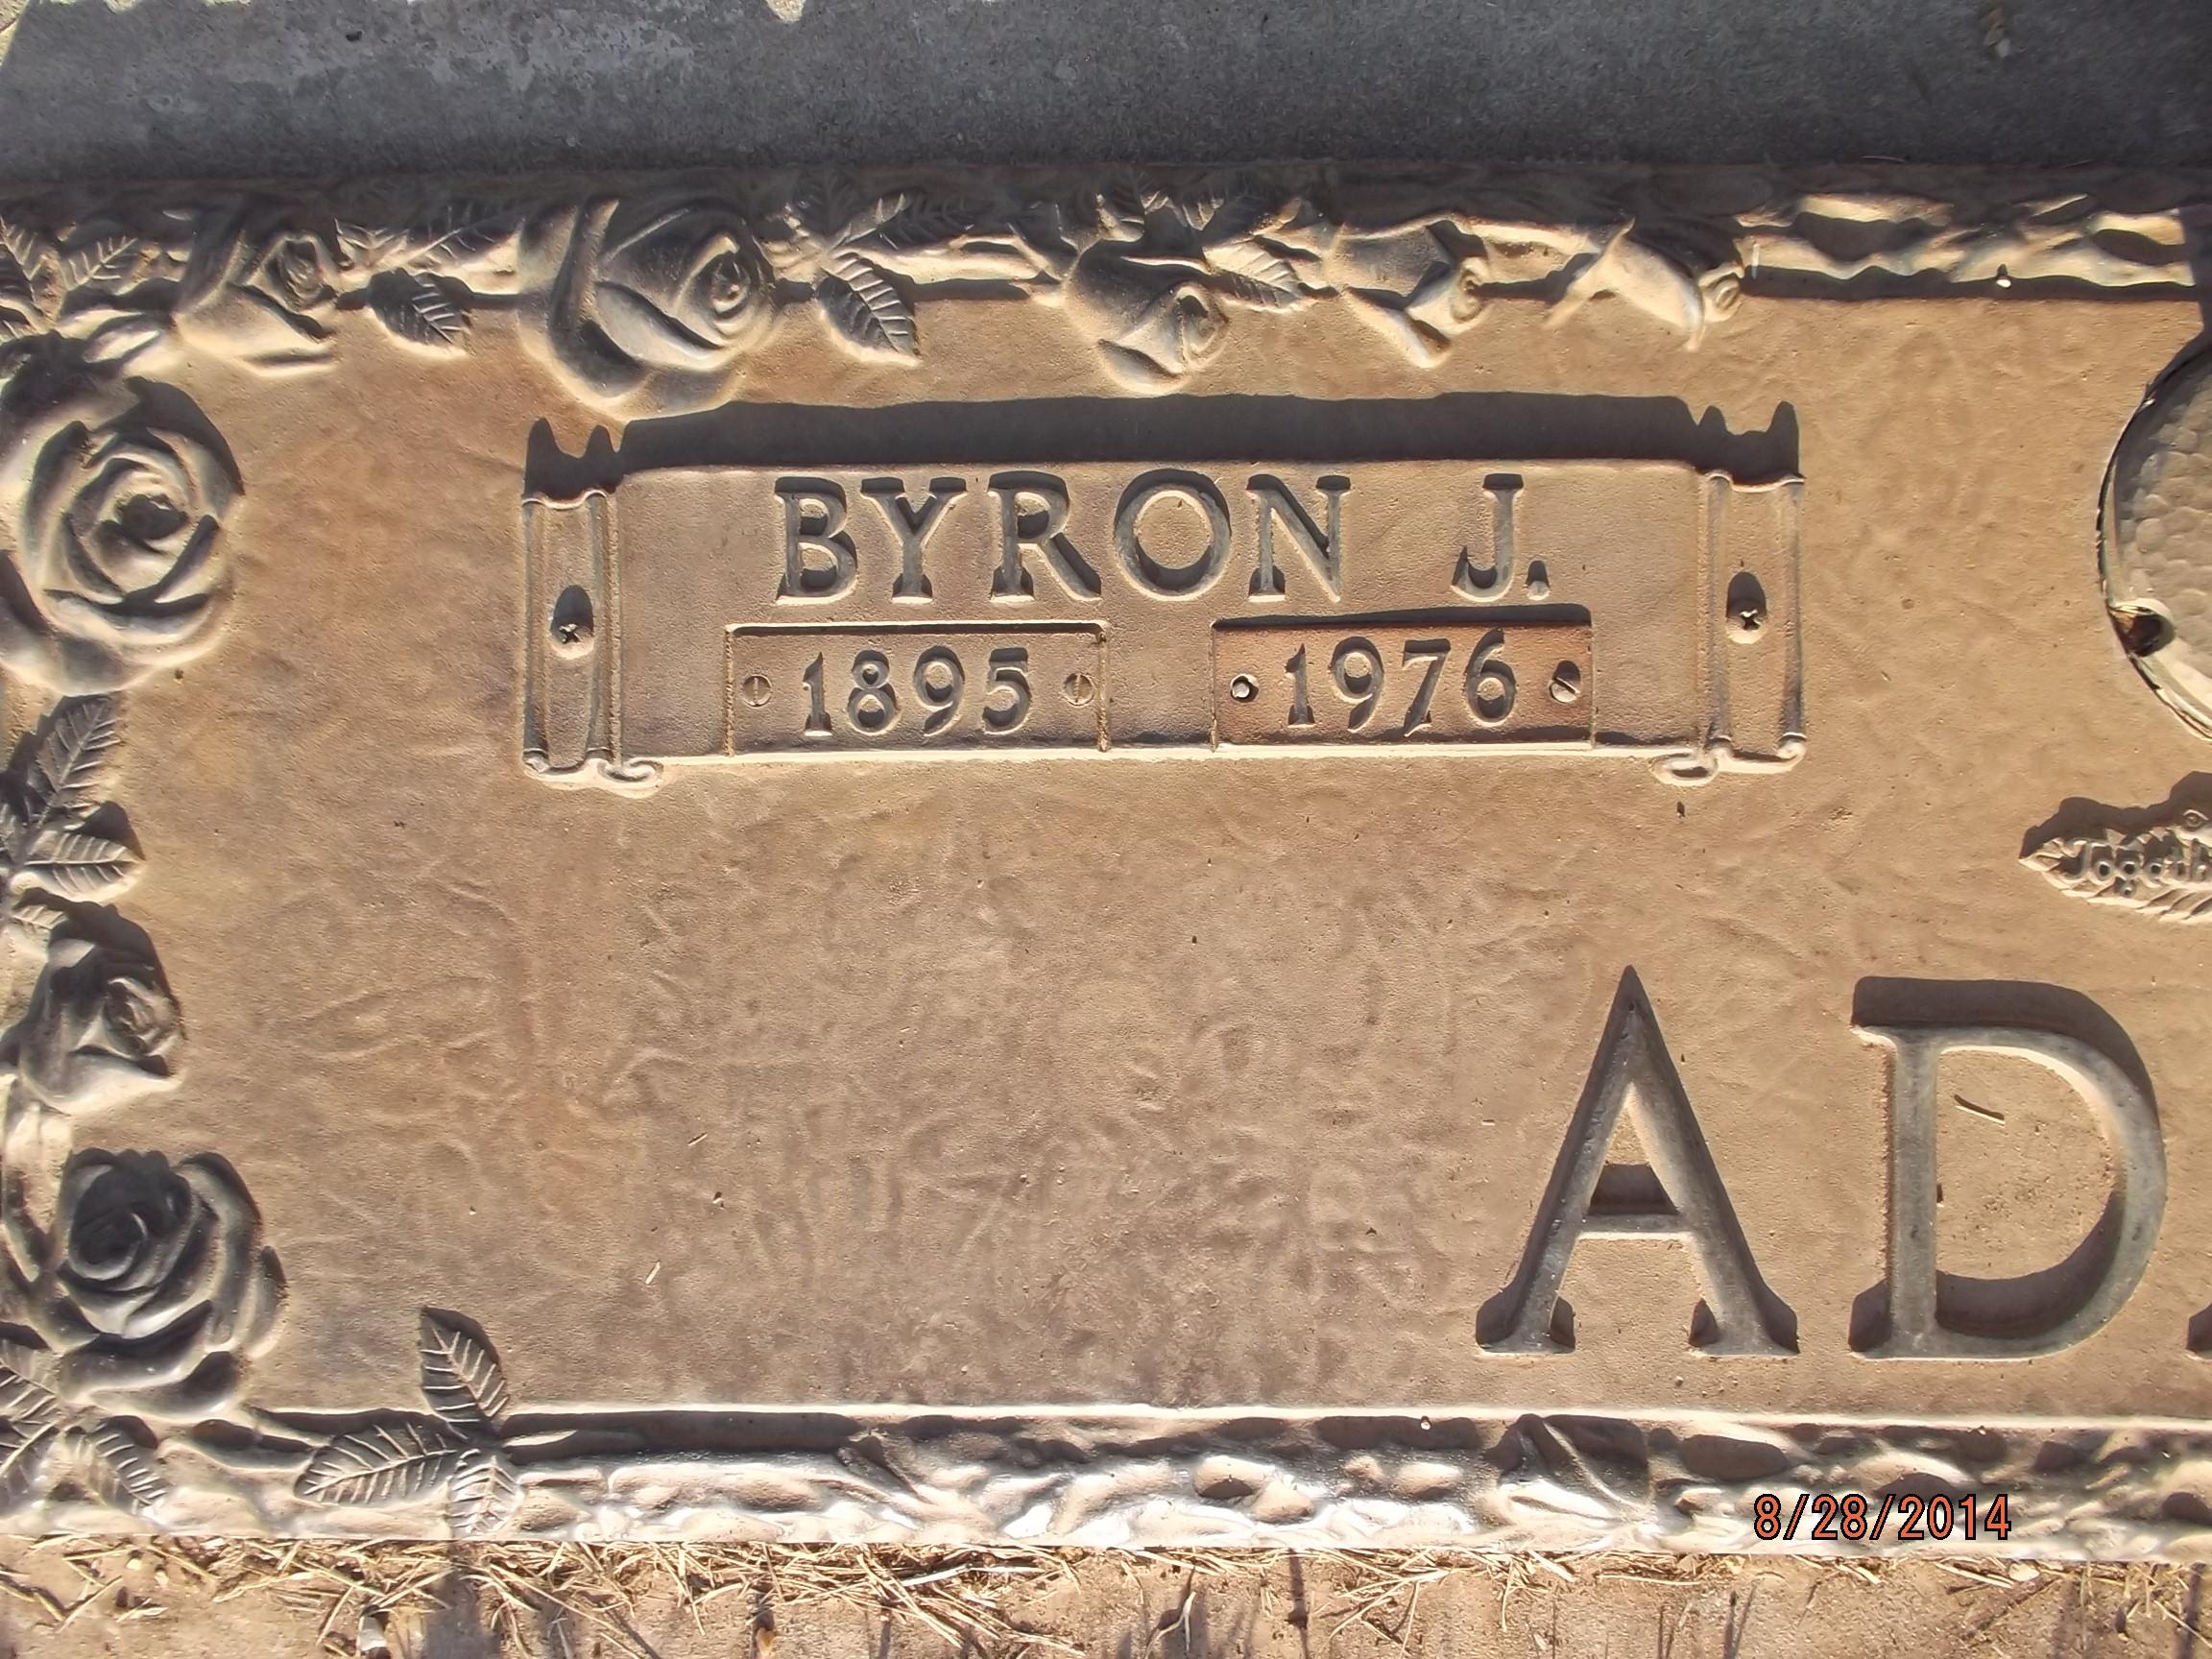 Byron Jack Adams